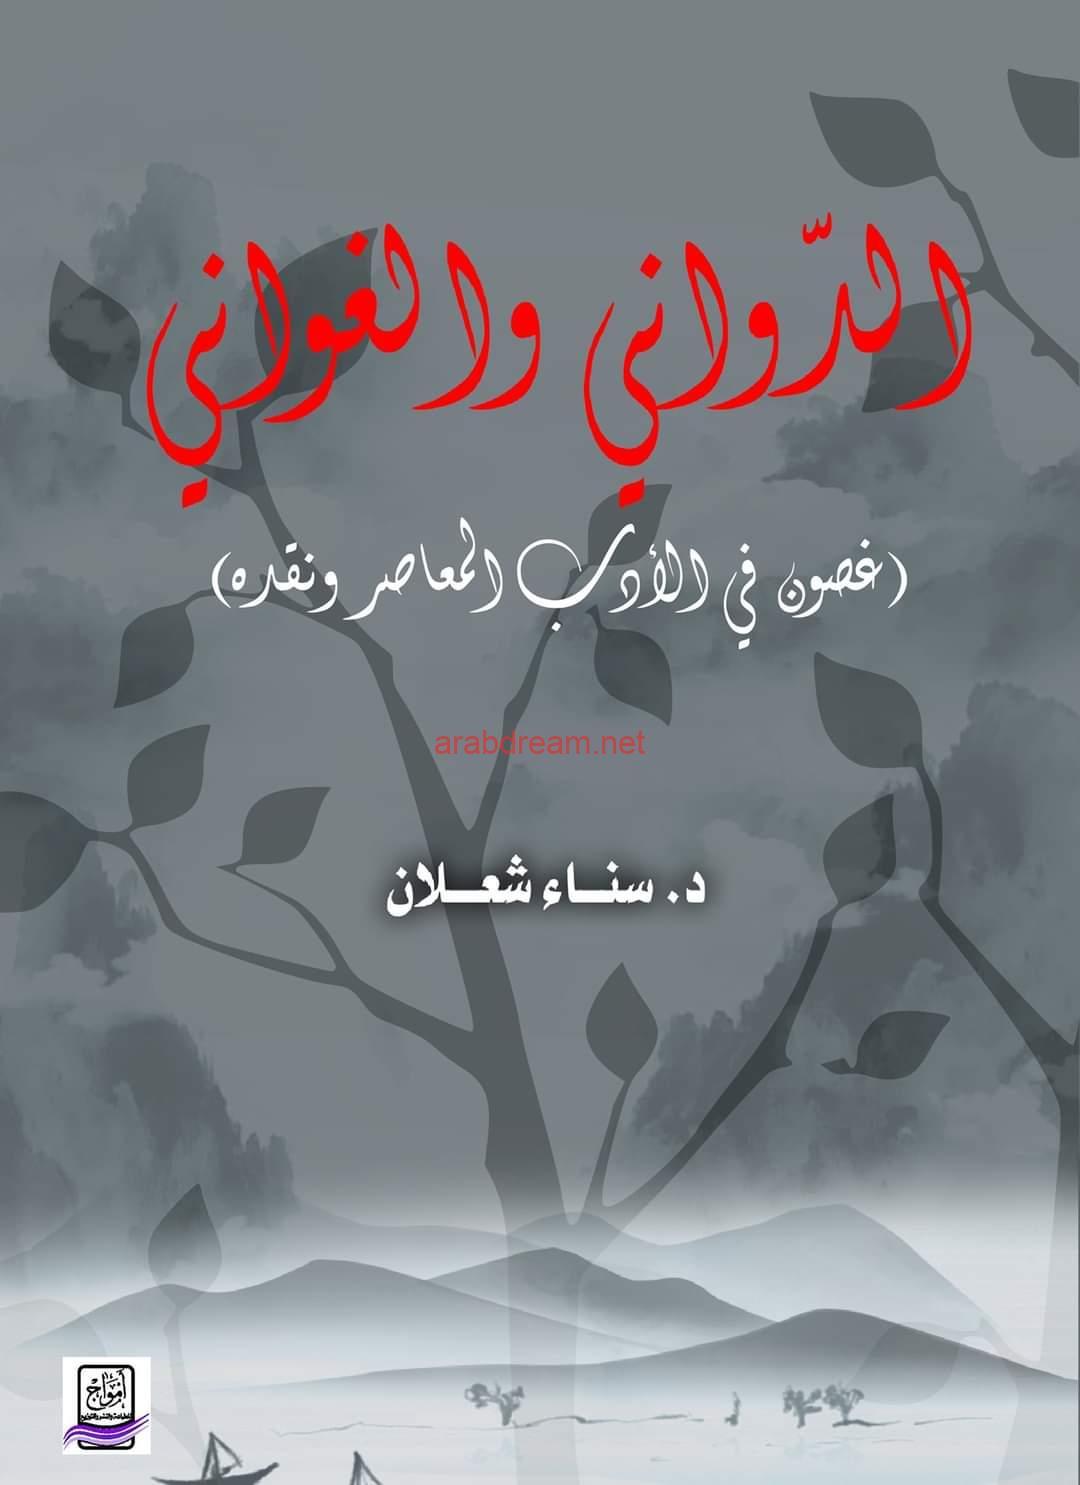 """صدور كتاب """"الدّواني والغواني"""" لسناء الشعلان."""